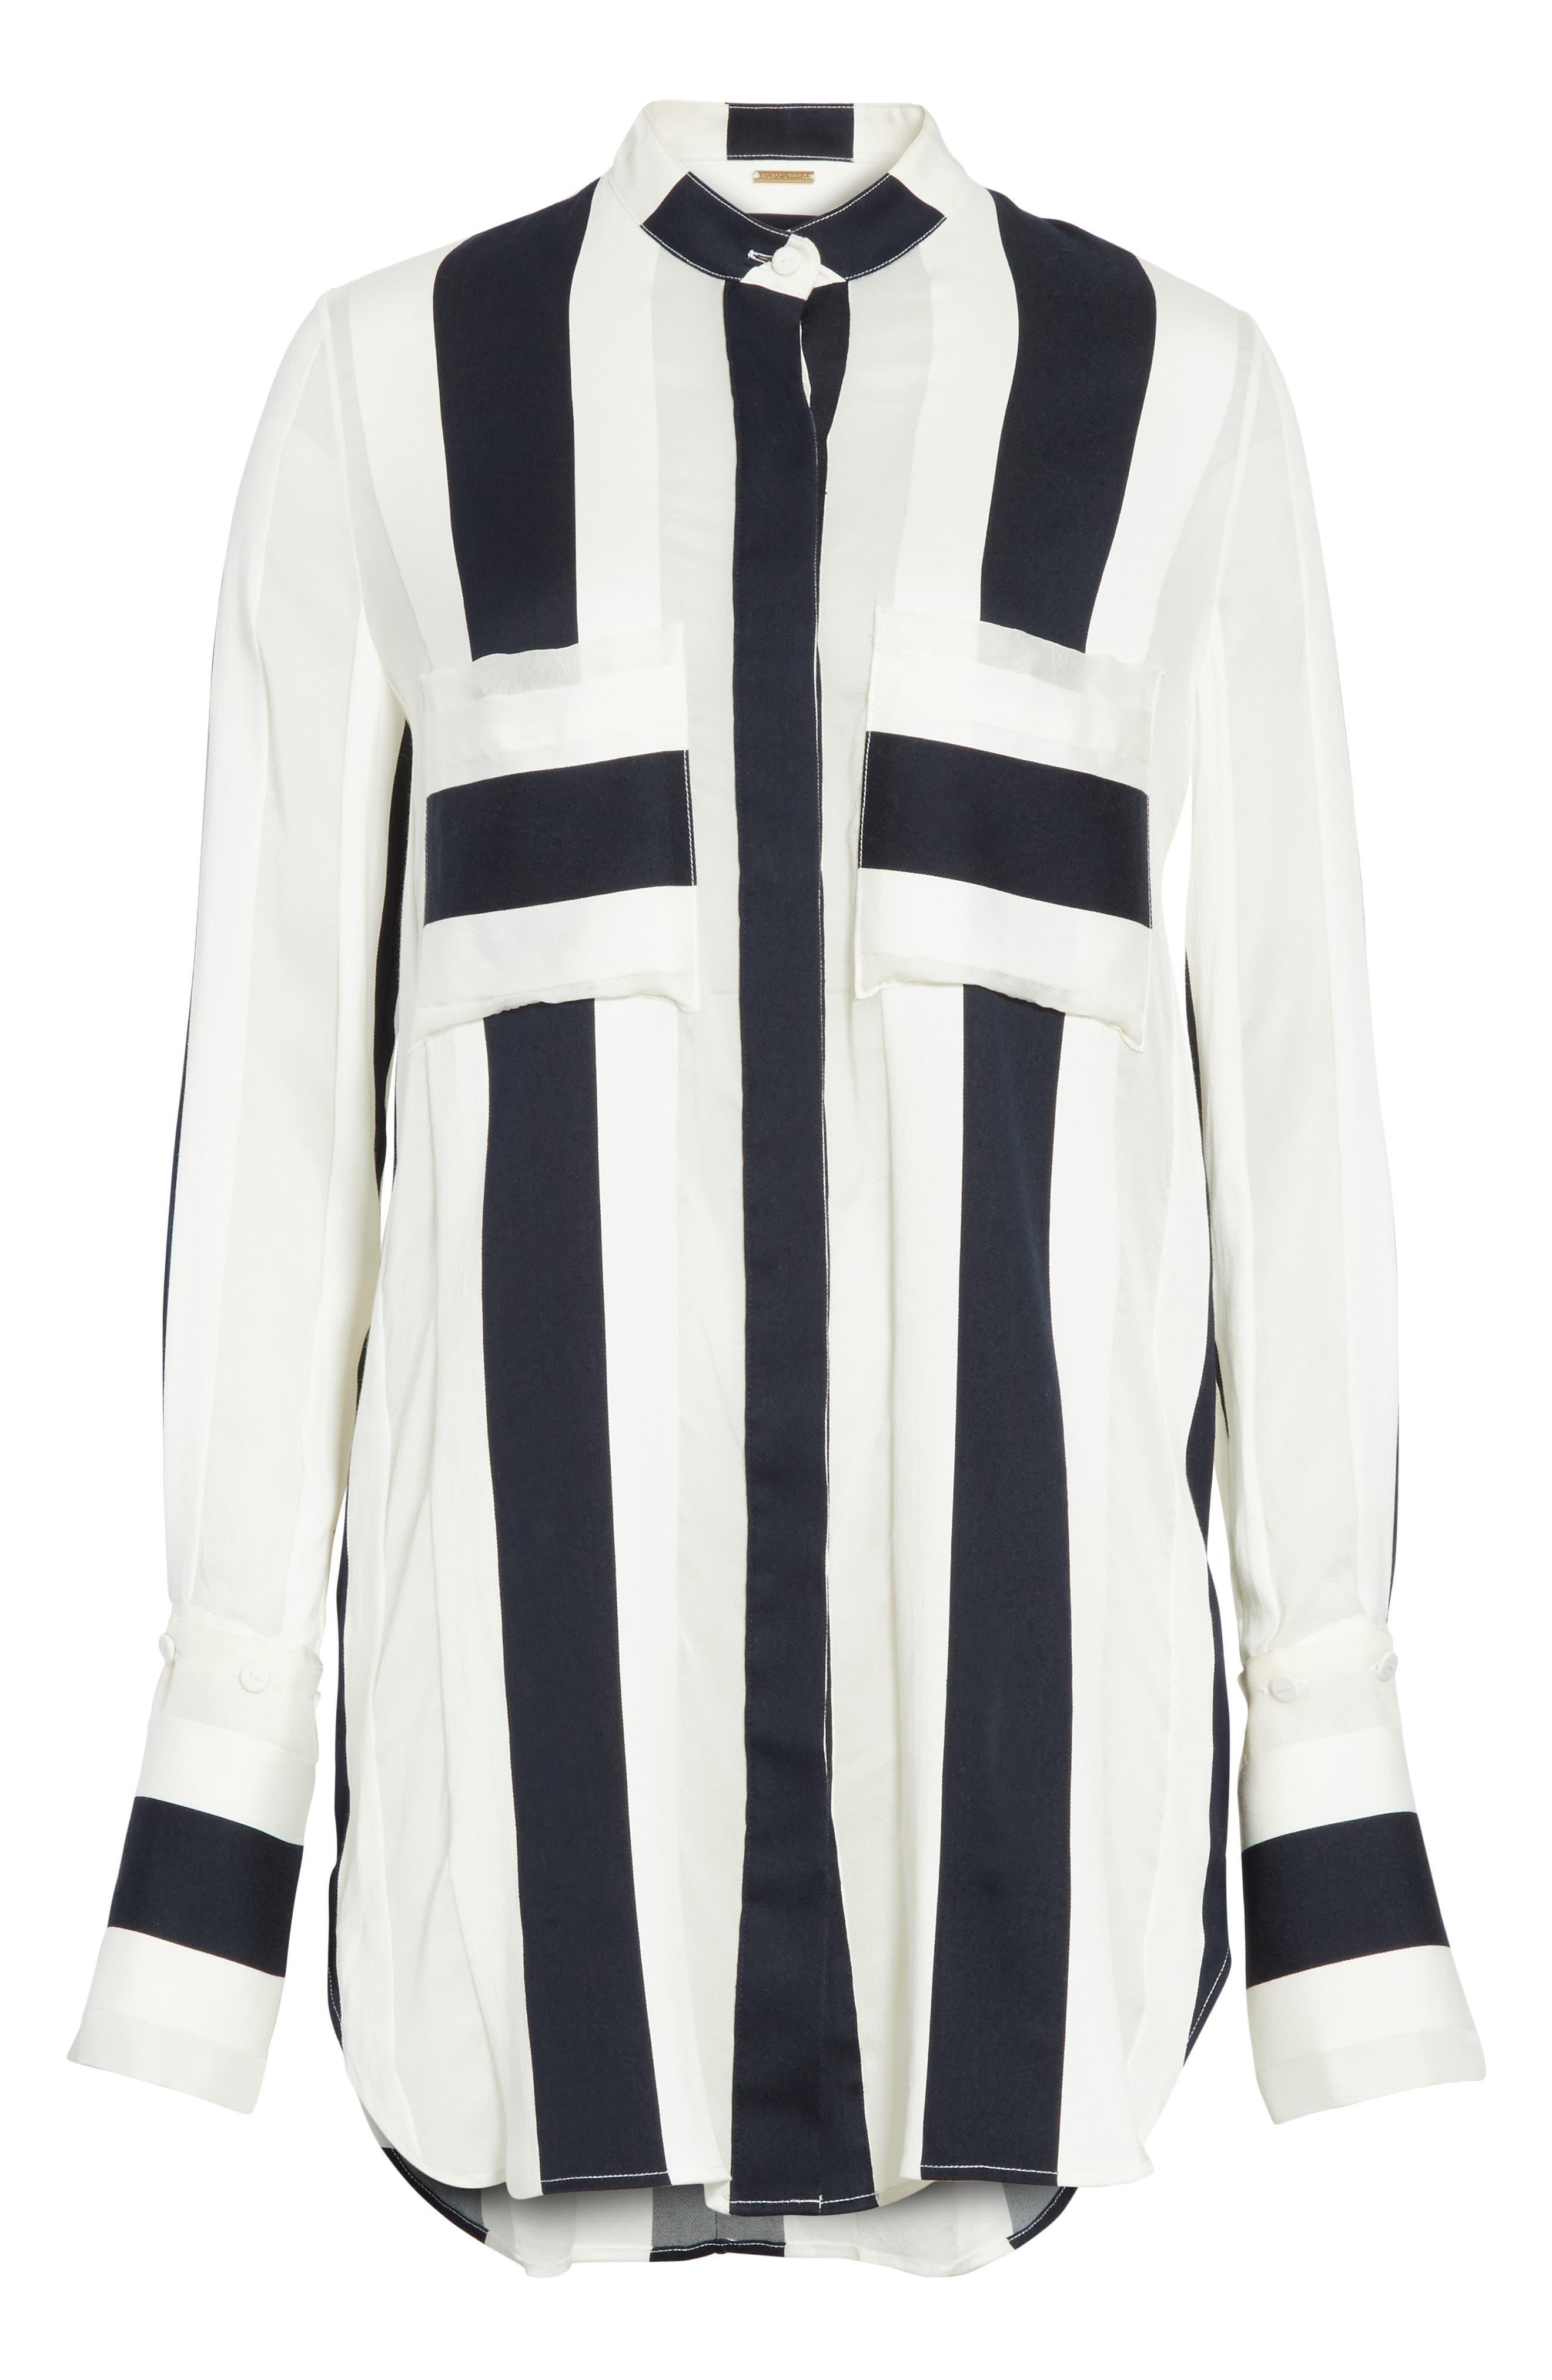 Cotton & Silk Stripe Jacquard Blouse,                             Alternate thumbnail 6, color,                             Black/ White